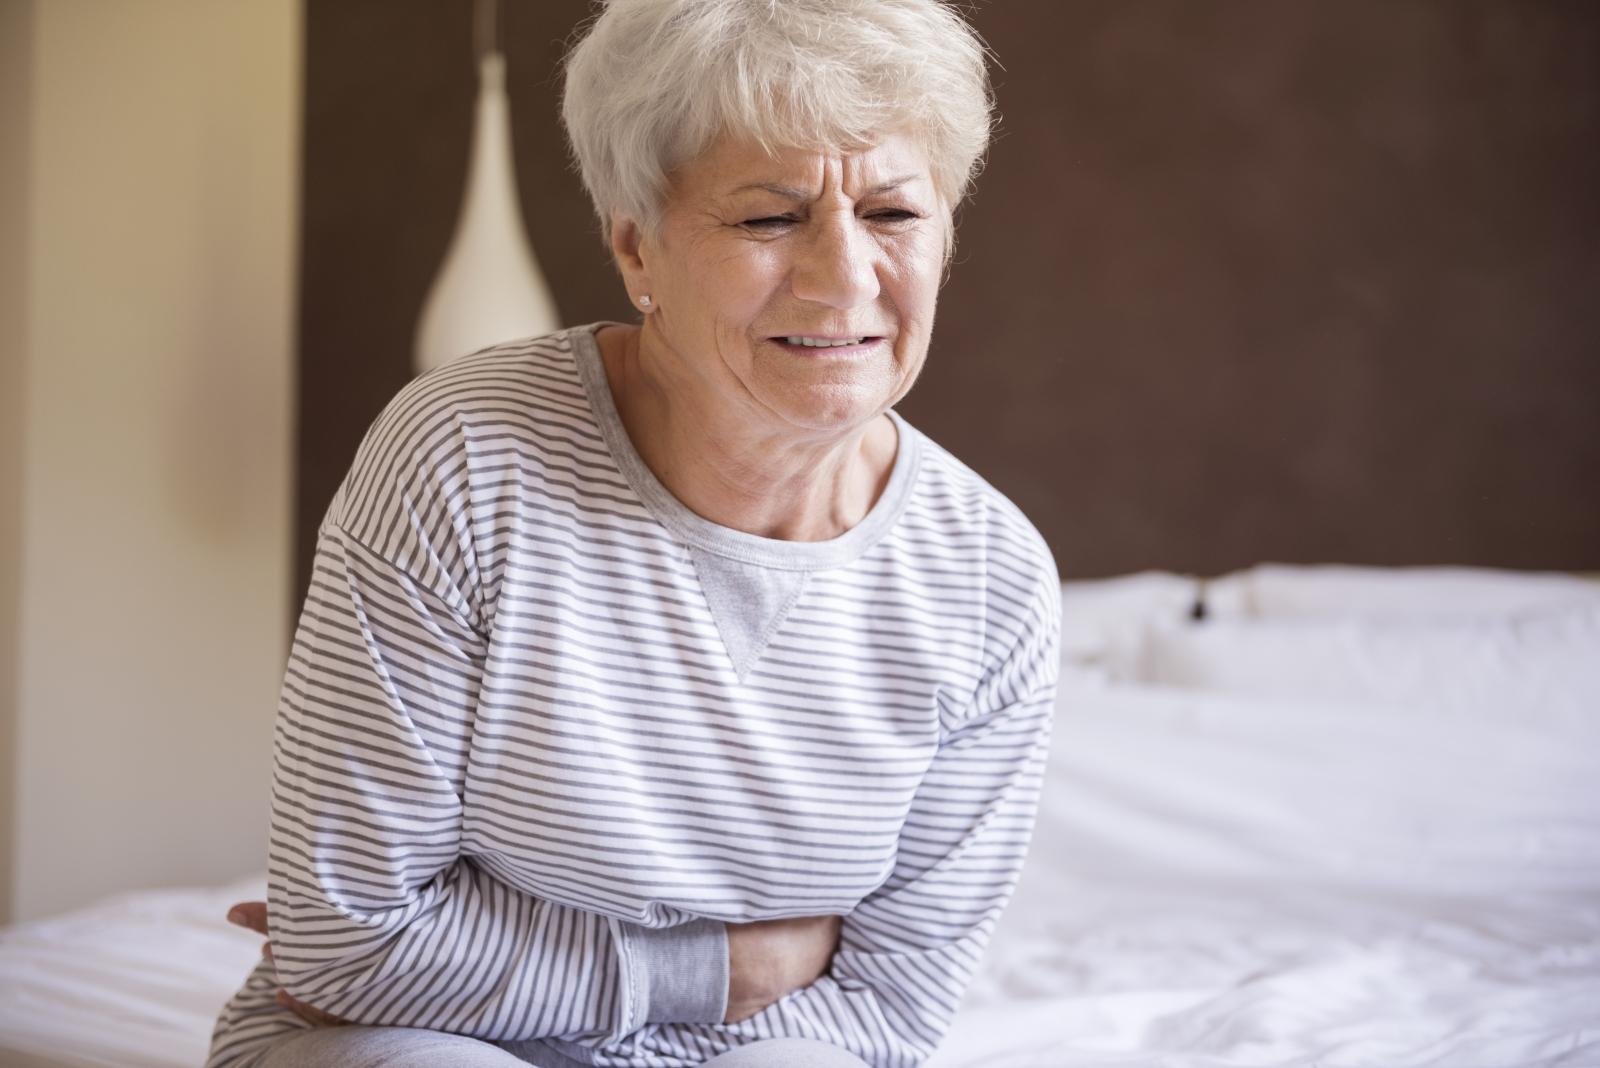 Hanf bei Schmerzen - so unterstützt es deinen Körper